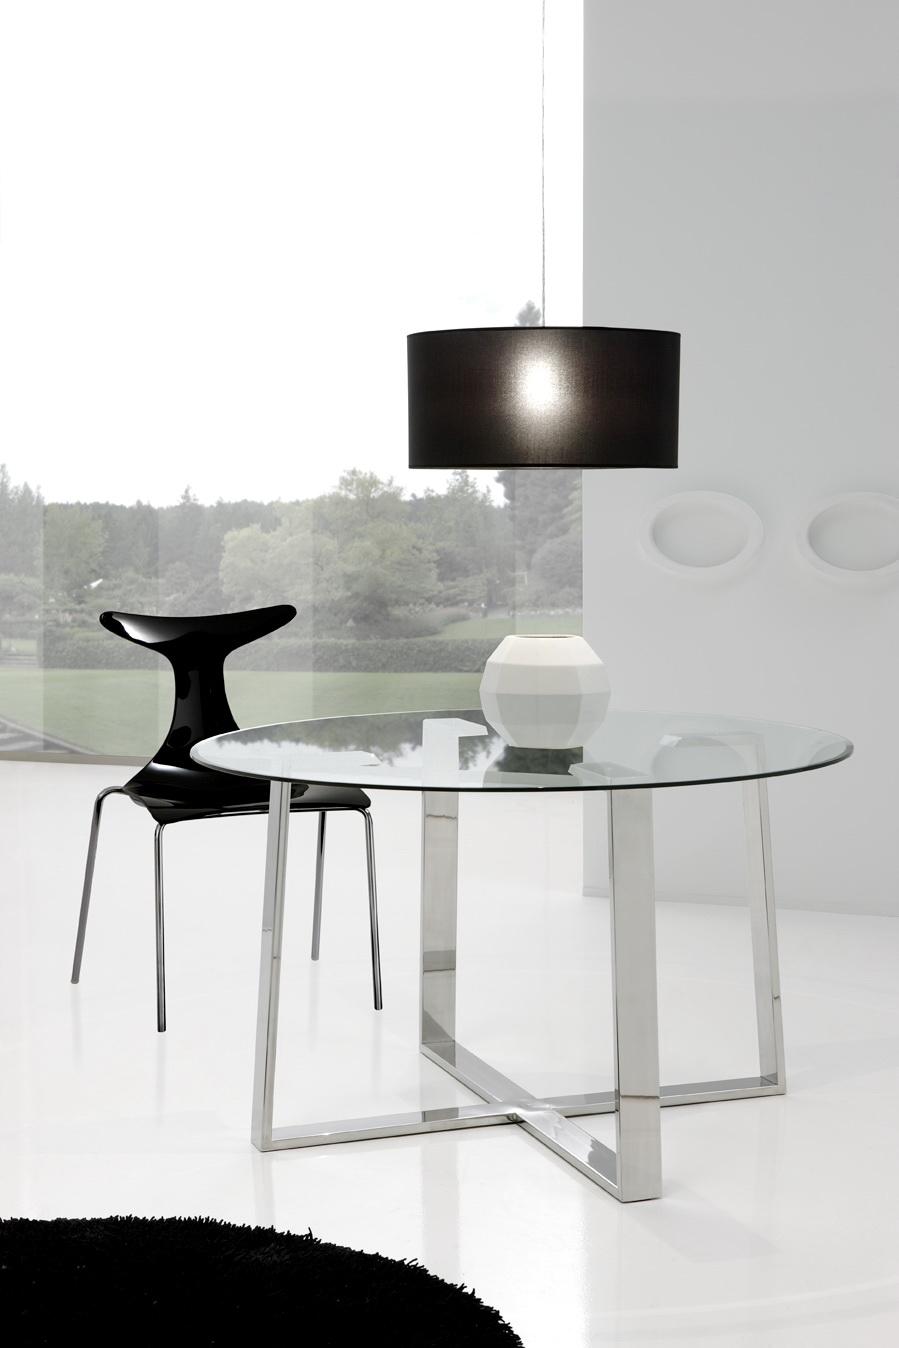 Mesa comedor ACERO modelo 5950 by Altinox